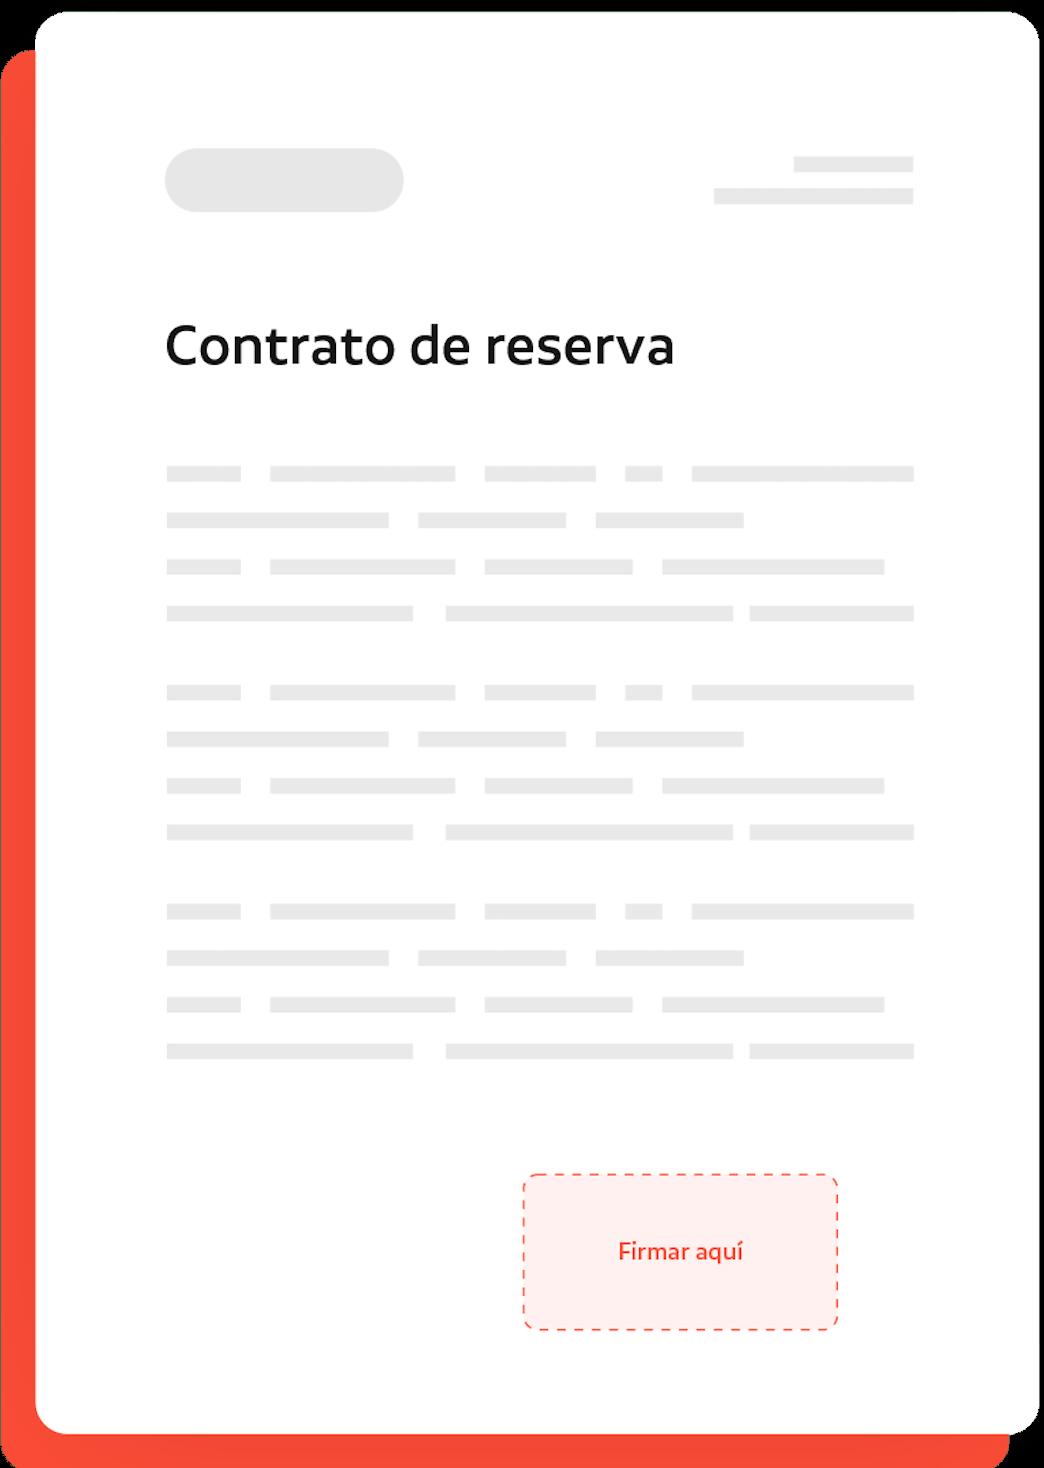 contrato de reserva